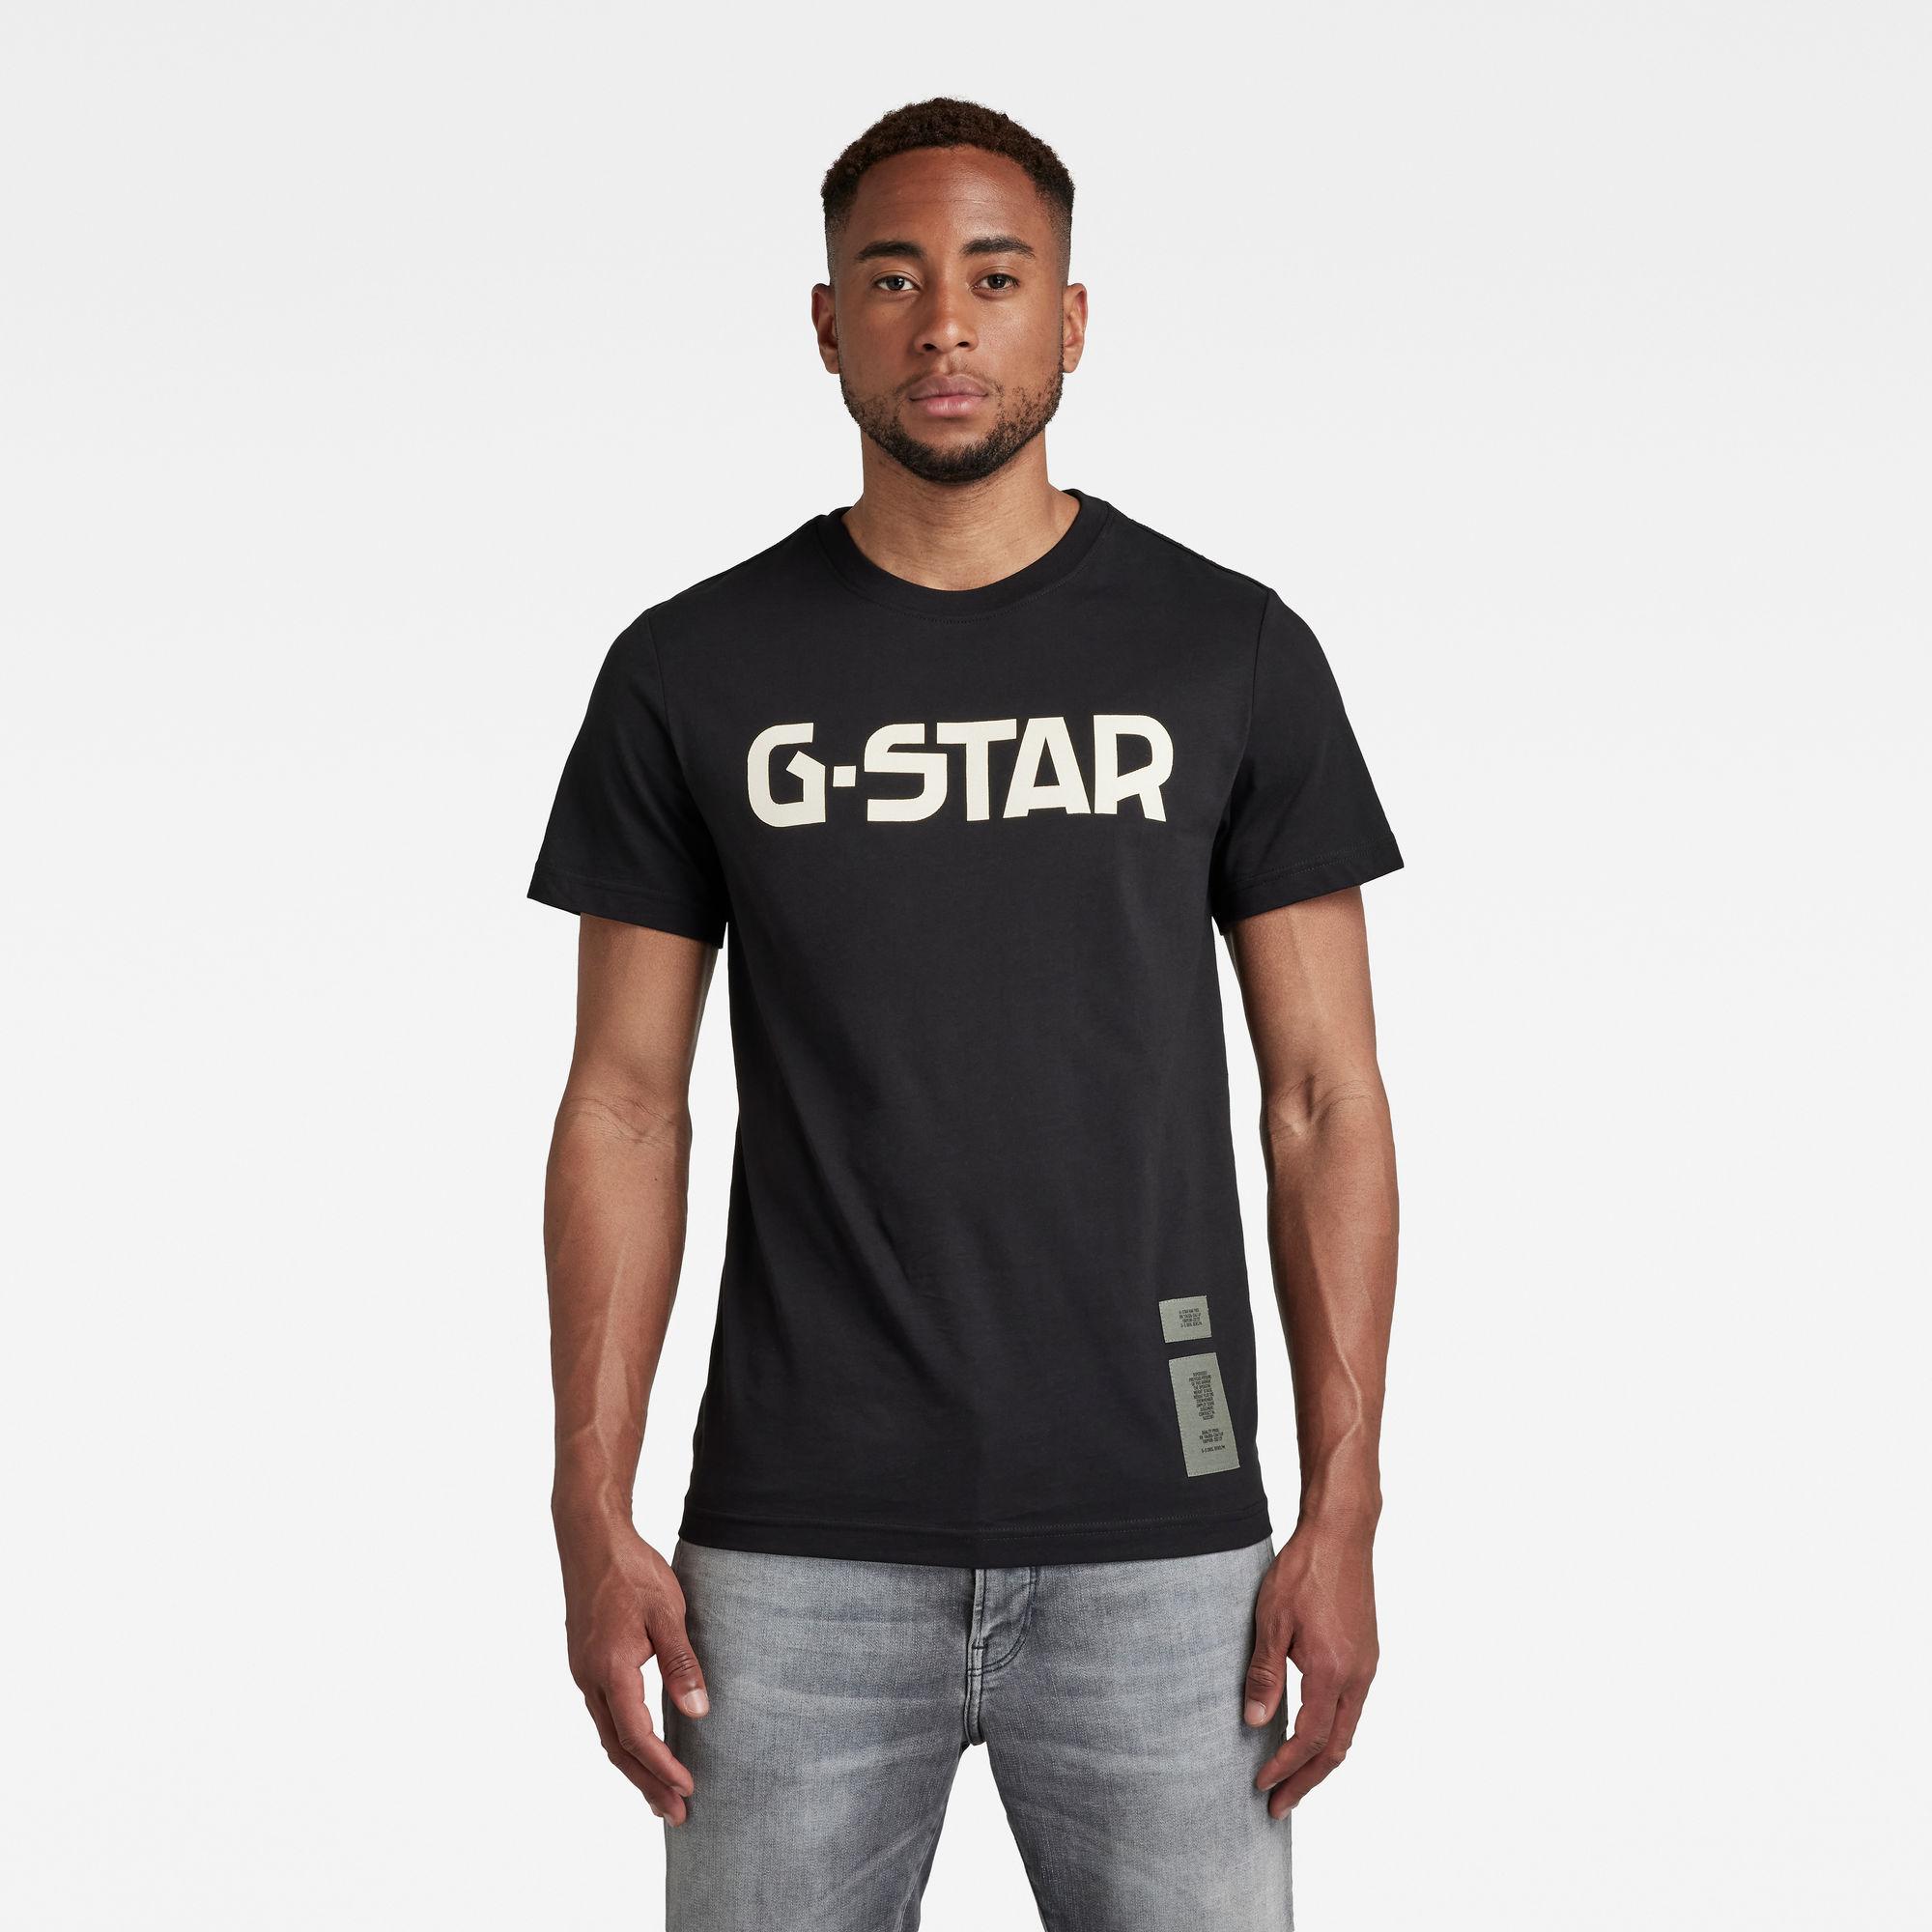 G-Star RAW Heren G-Star T-Shirt Zwart